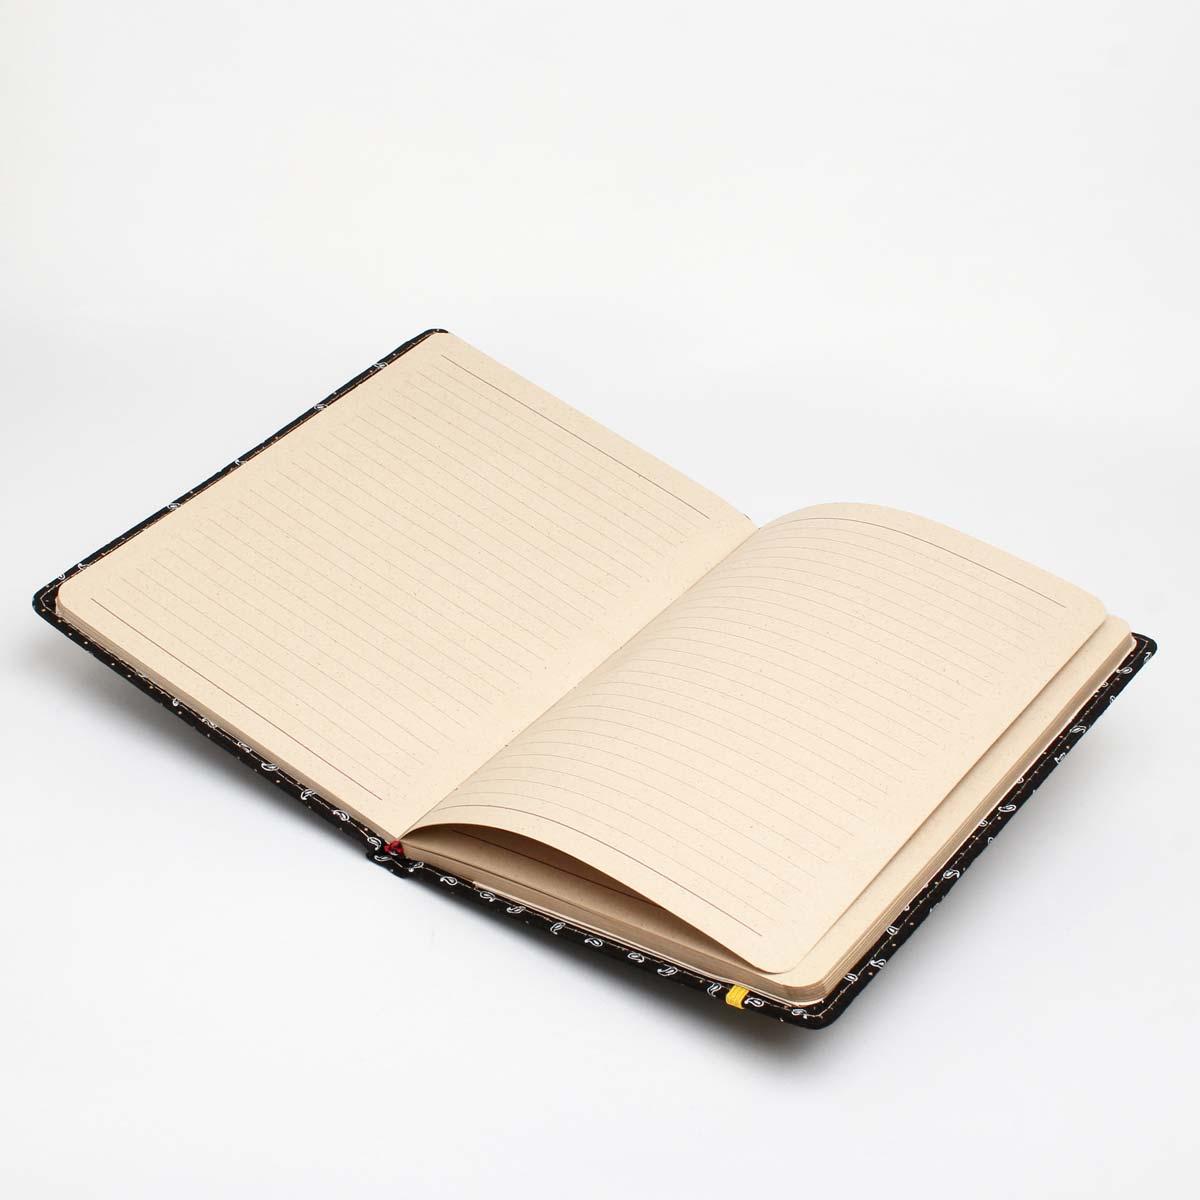 دفتر پارچه ای خط دار P1765